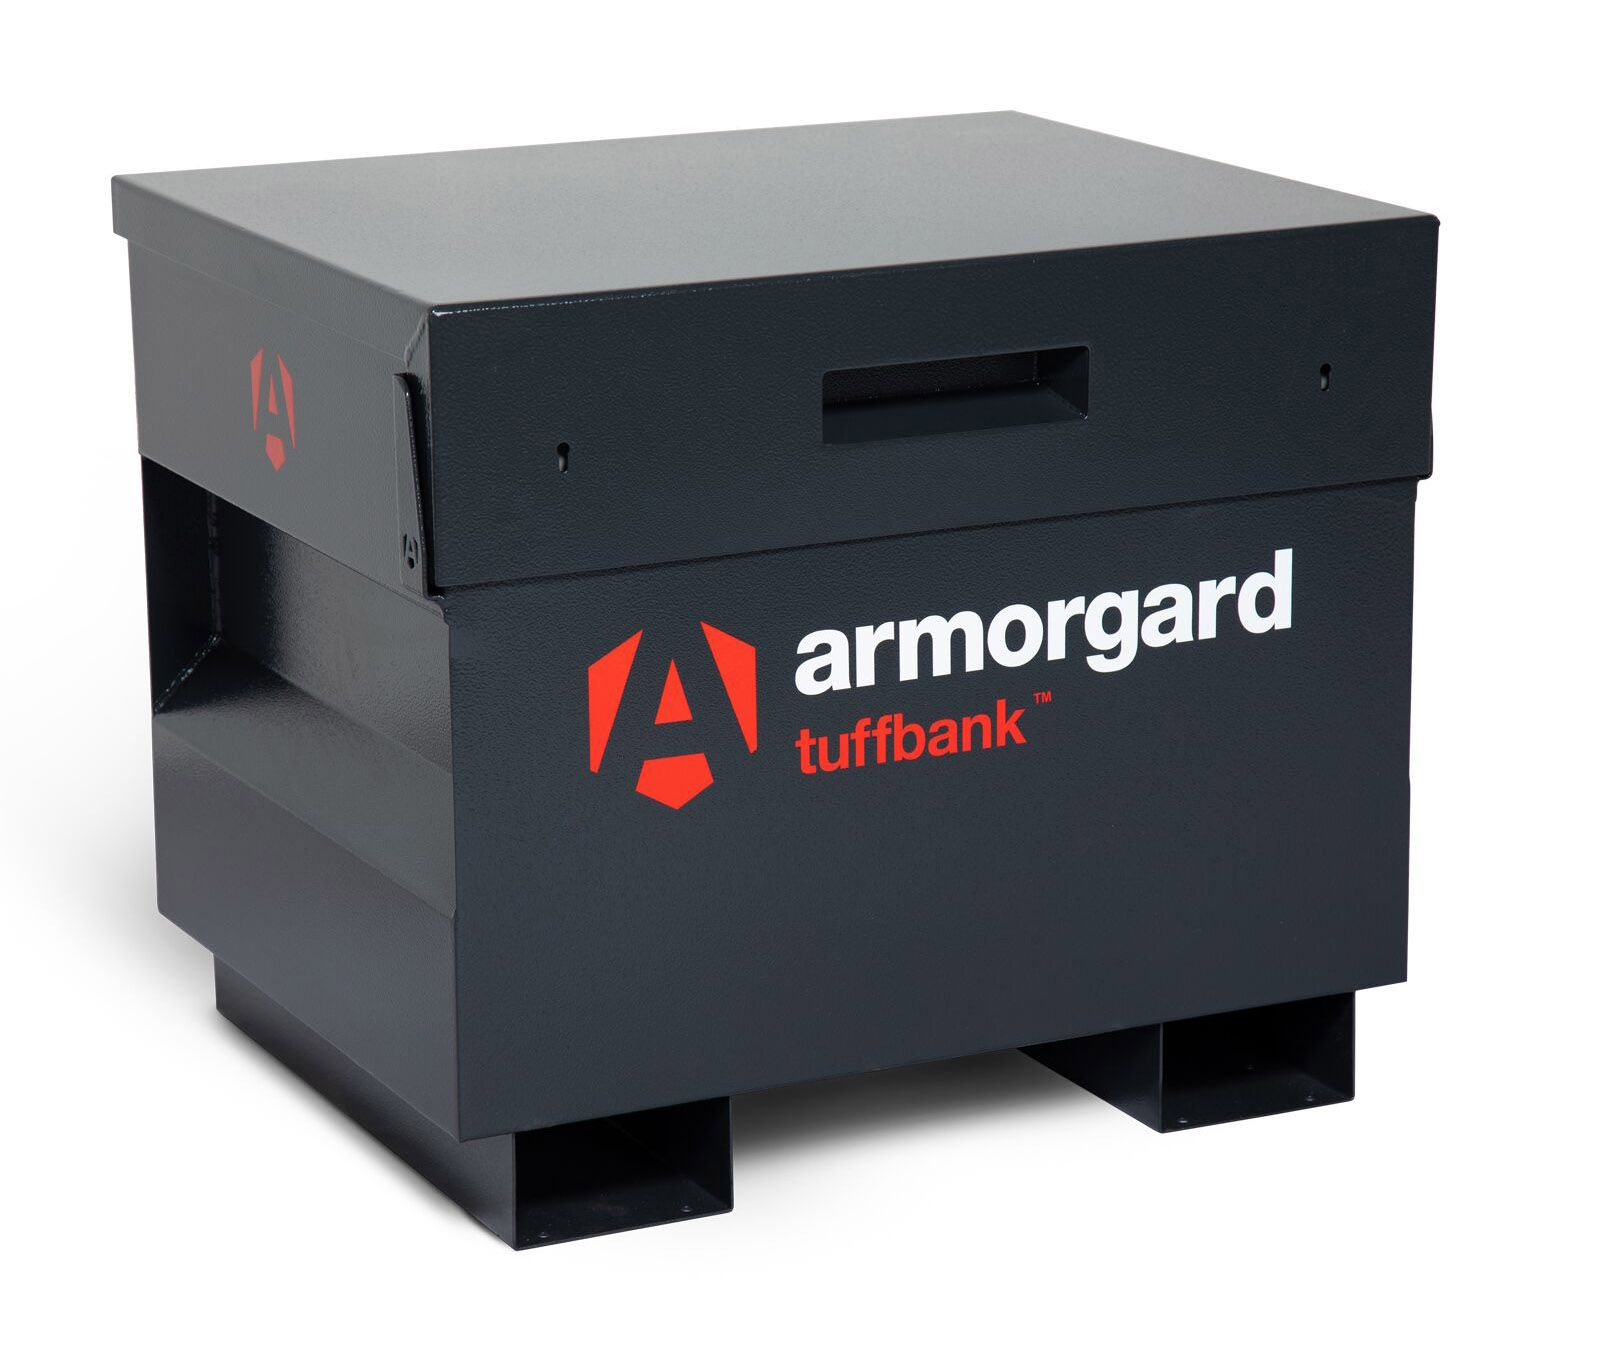 Armorgard TB21 Tuffbank Site Box